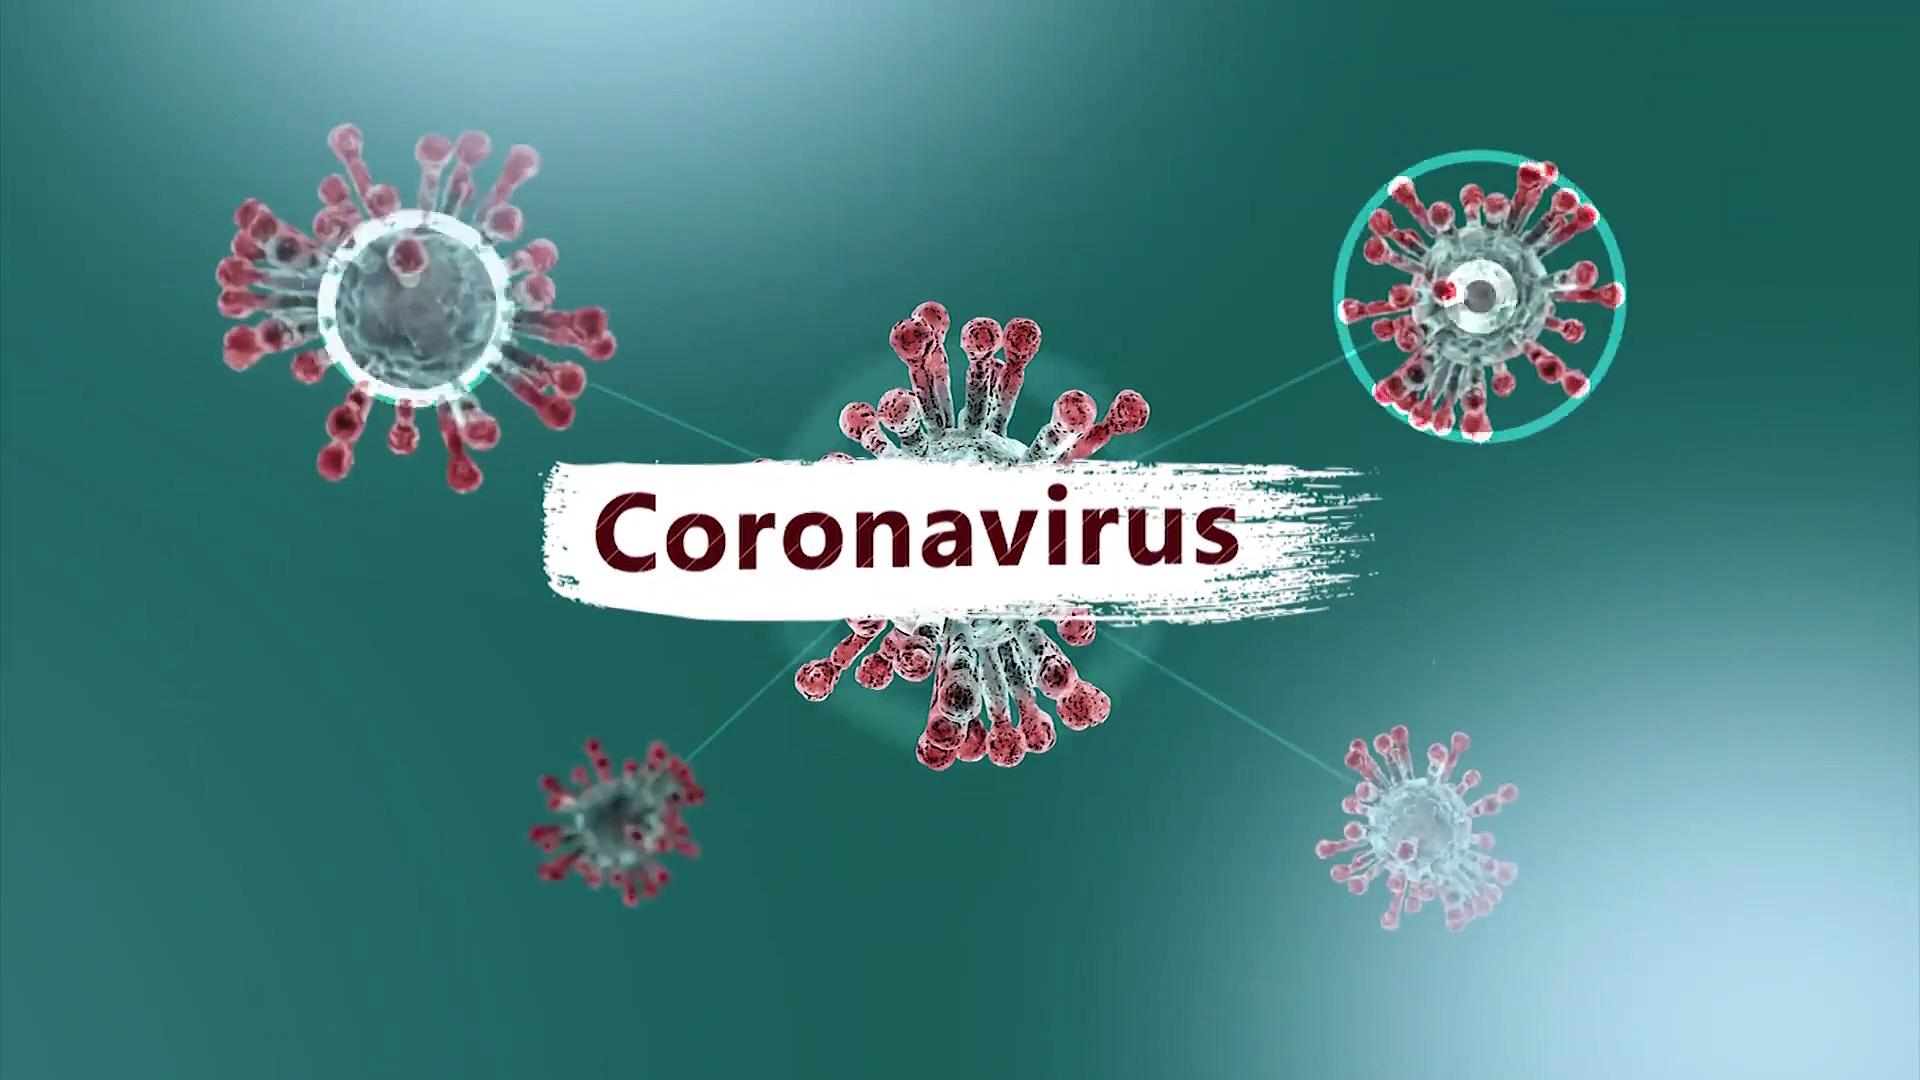 Coronavirus : les gestes à observer en cas d'apparition des symptômes selon le ministère de la santé